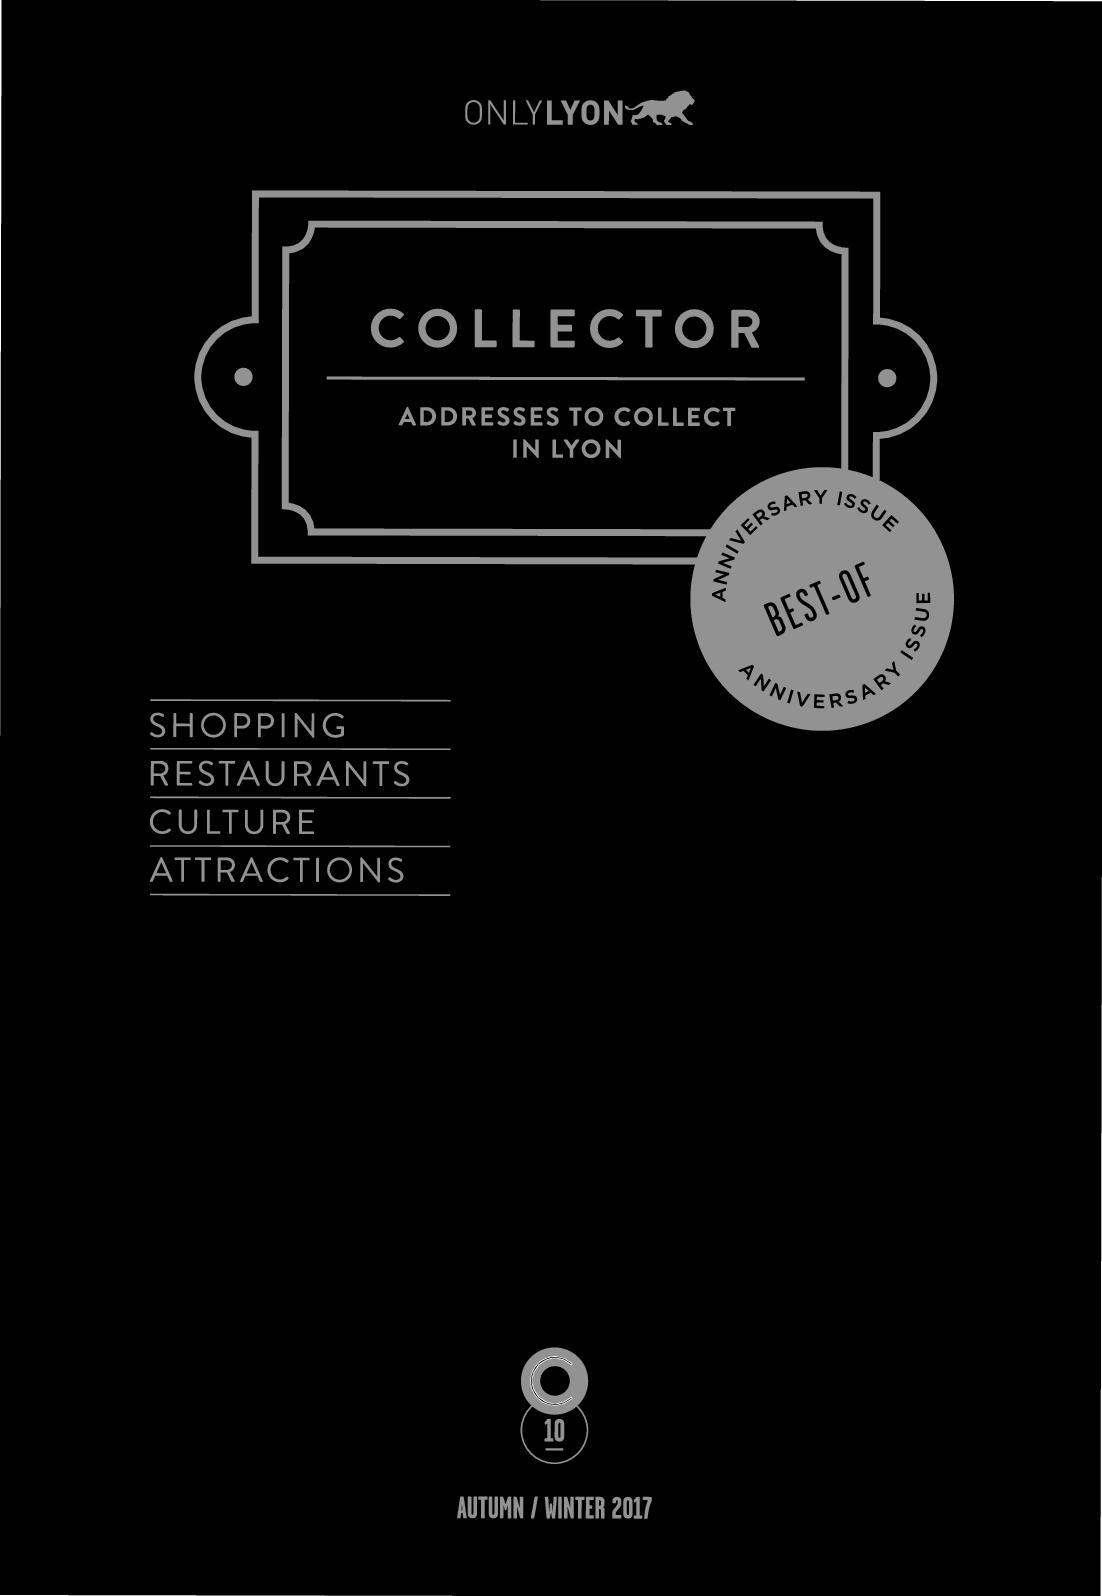 Imprimerie De L Ouest Parisien calaméo - collector lyon - 10 - autumn / winter 2017